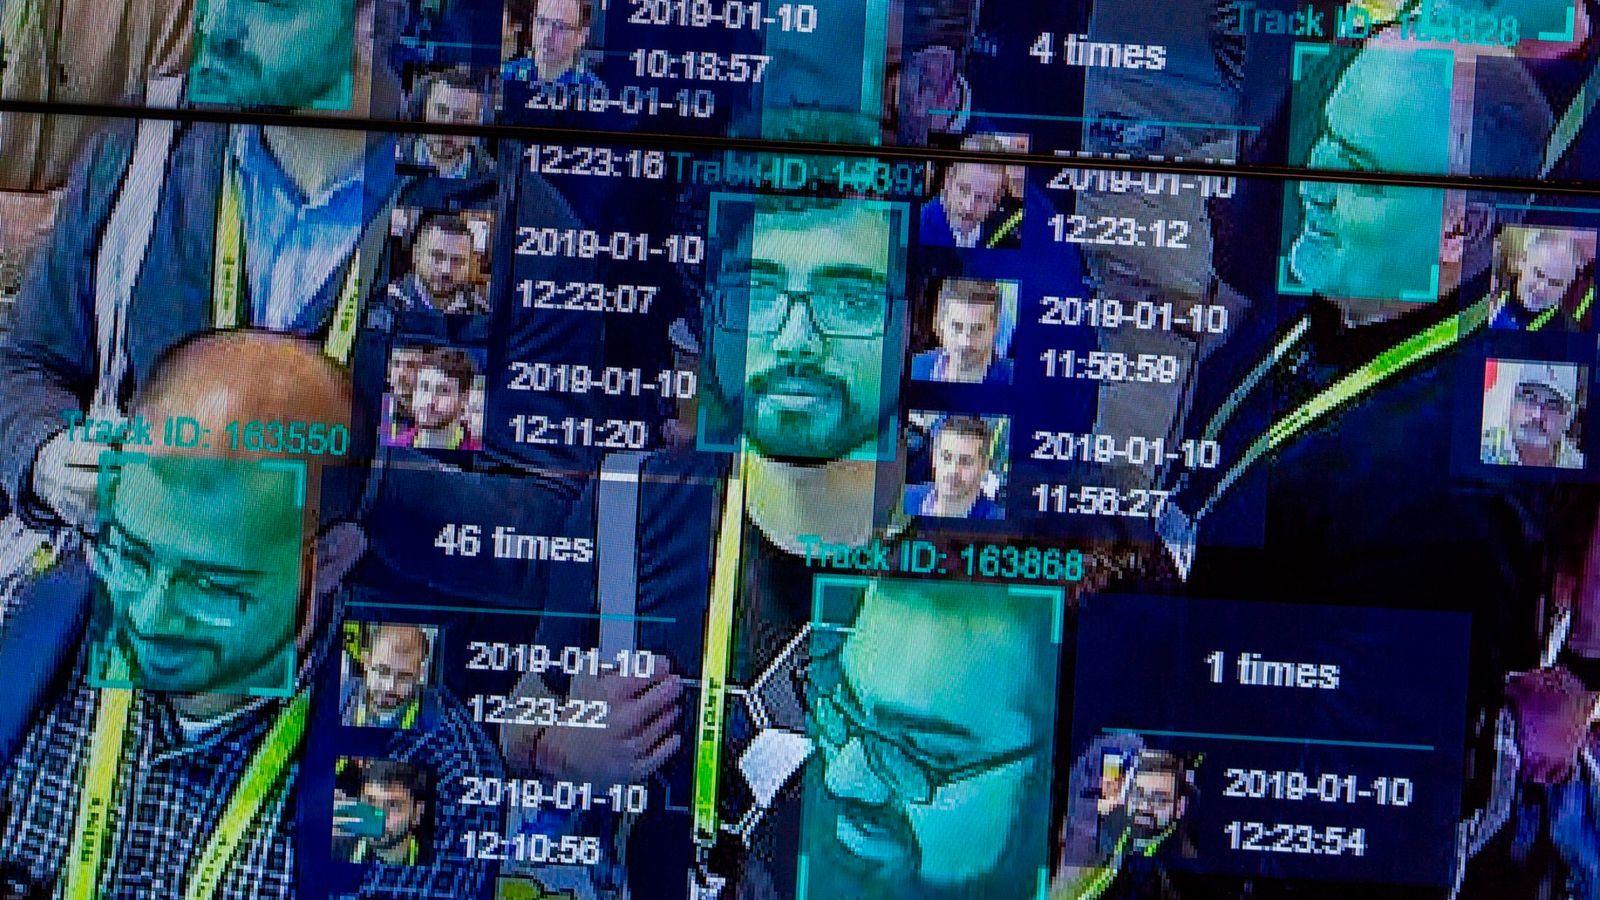 Виртуальная маскировка: искусственный интеллект с помощью макияжа смог обмануть систему распознавания лиц